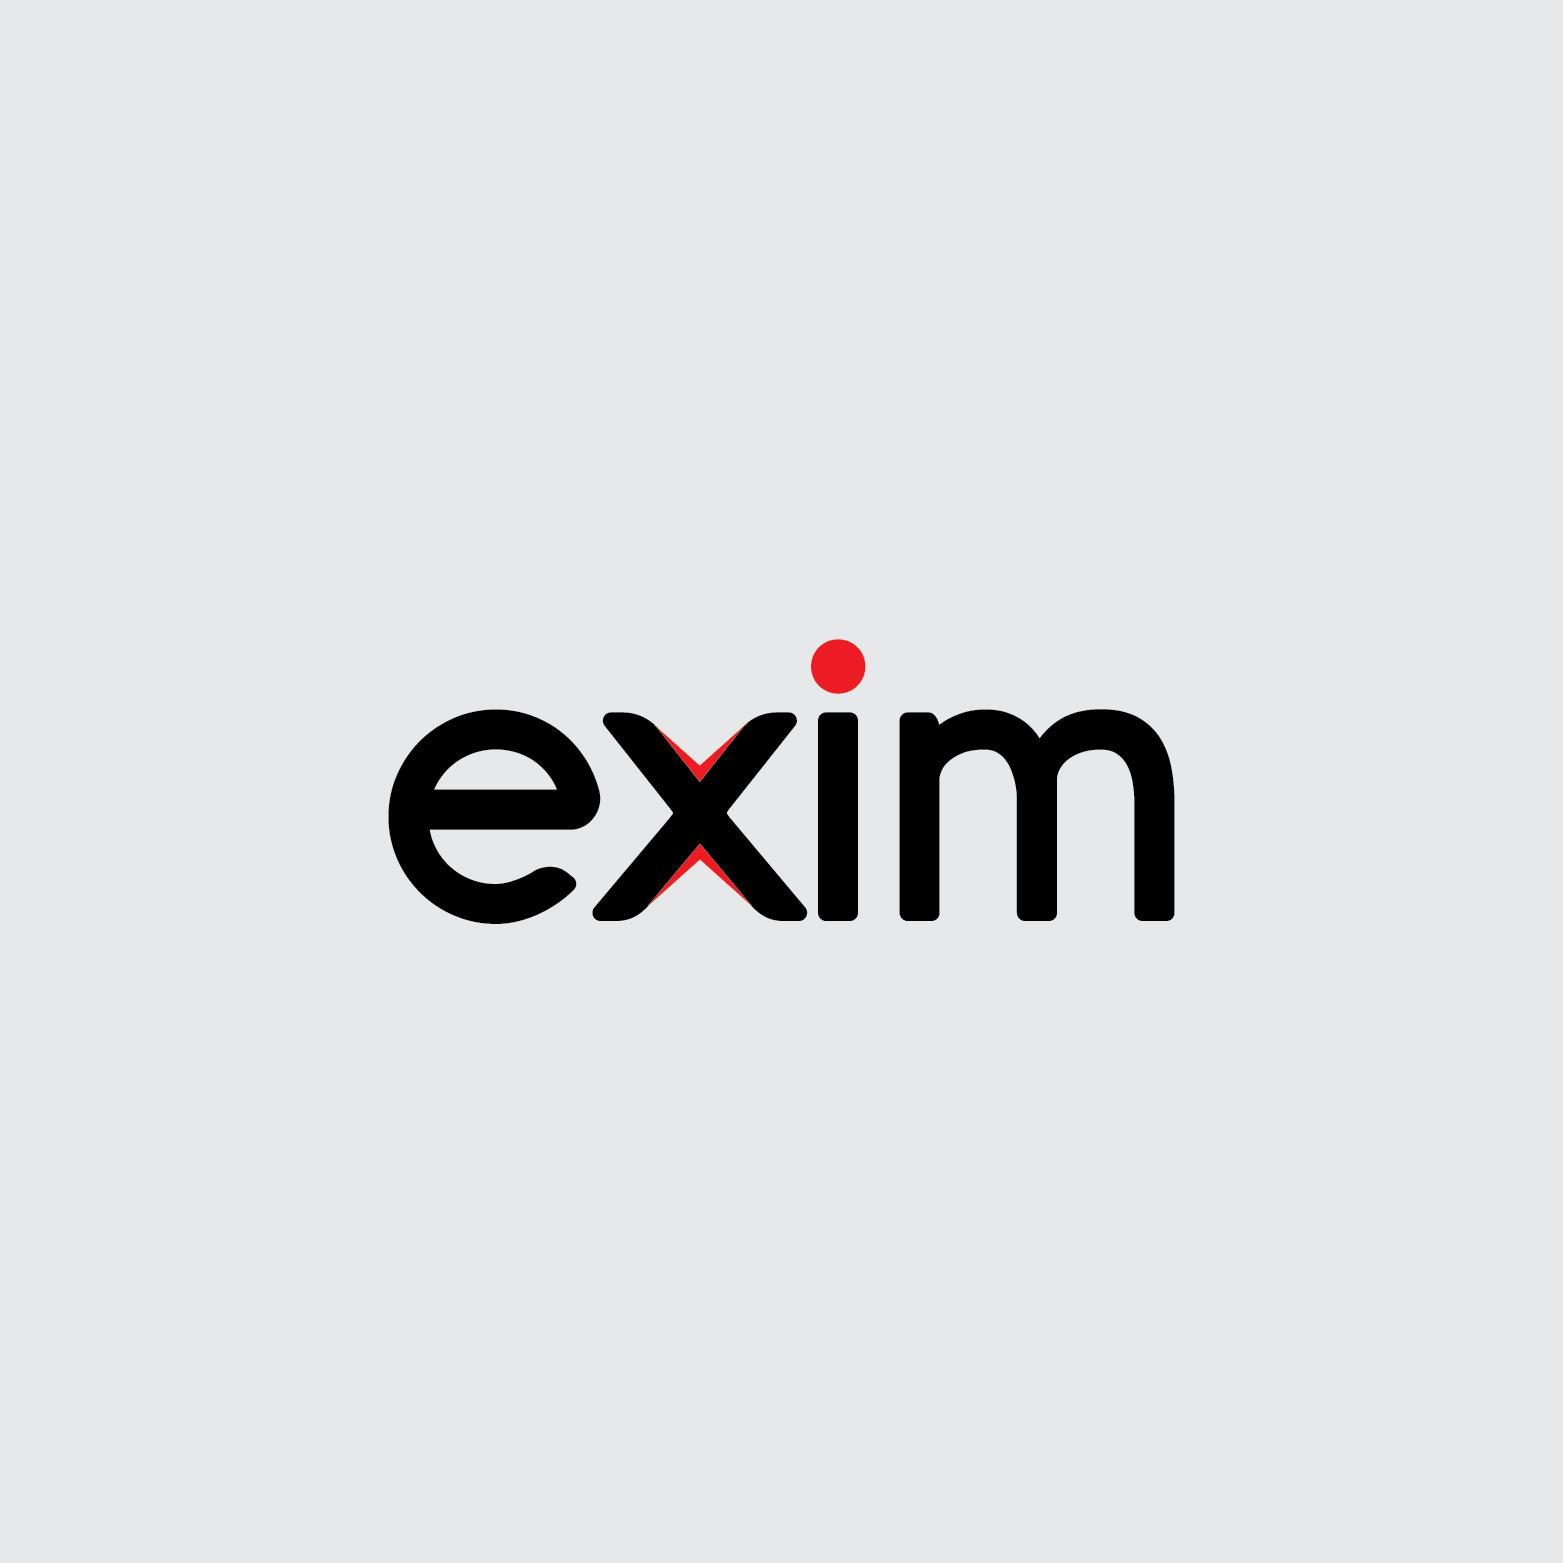 Exim LLC